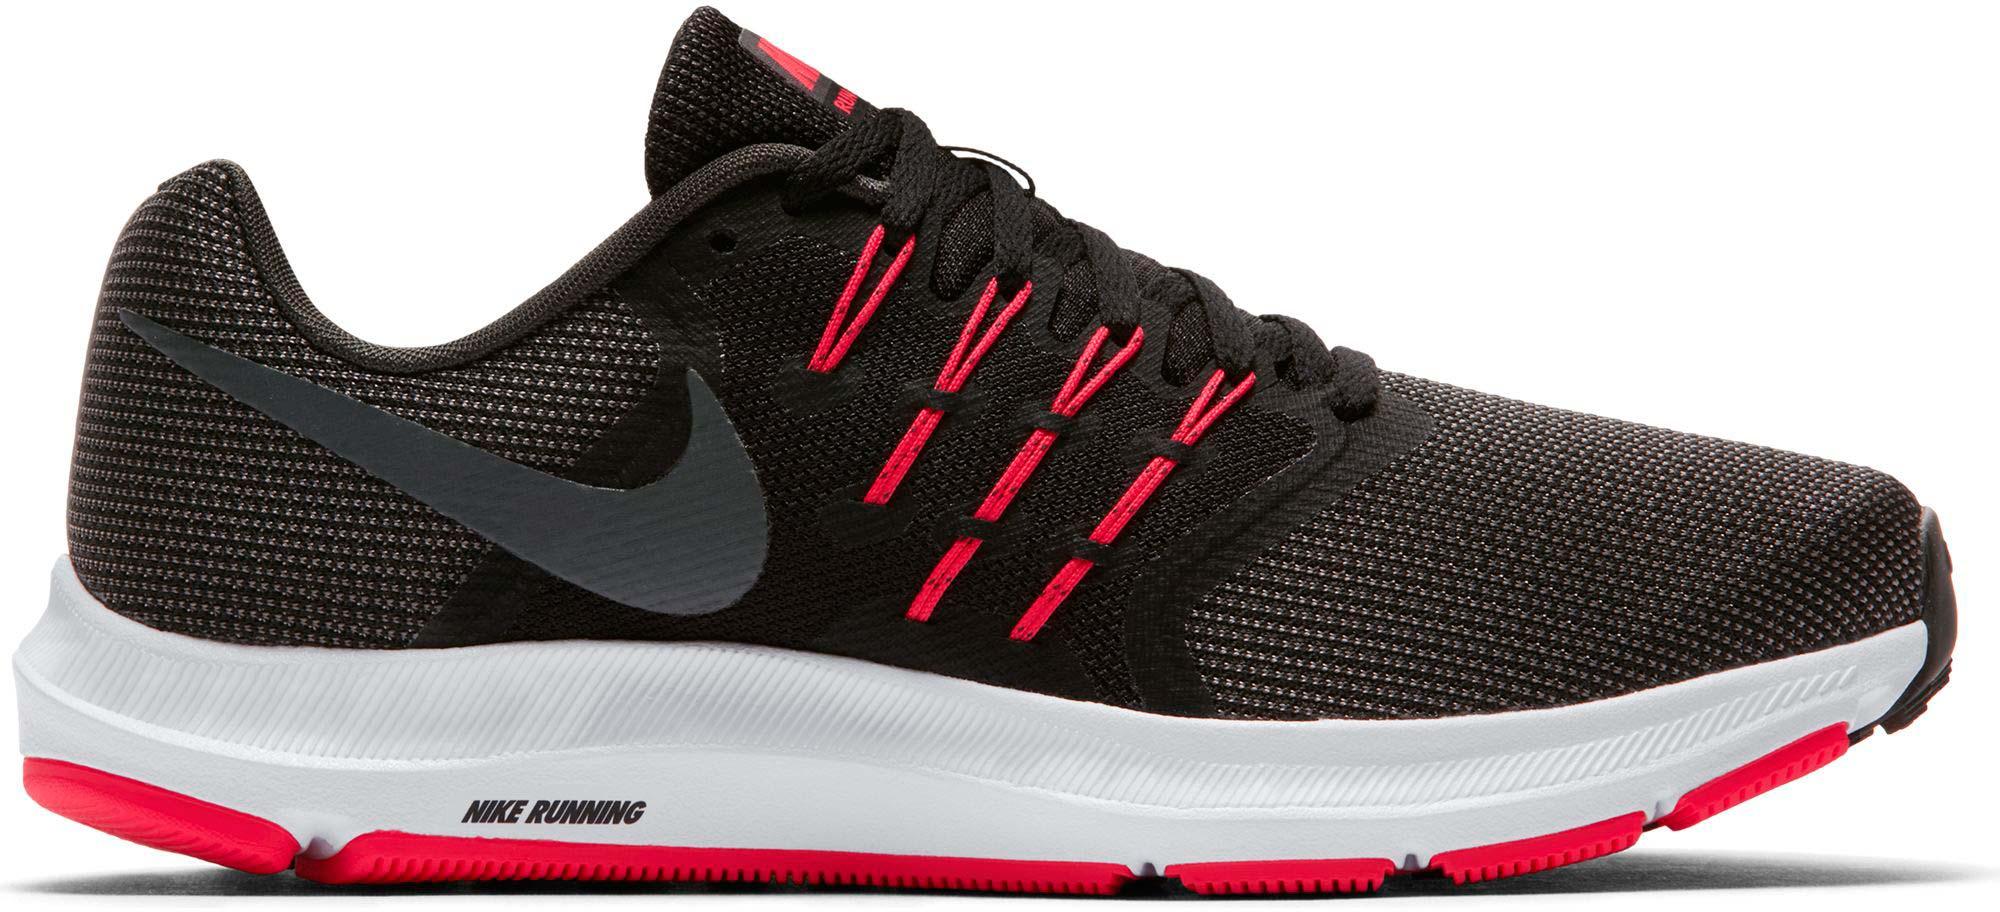 Nike RUN SWIFT SHOE W. 1 333e3f4cf0